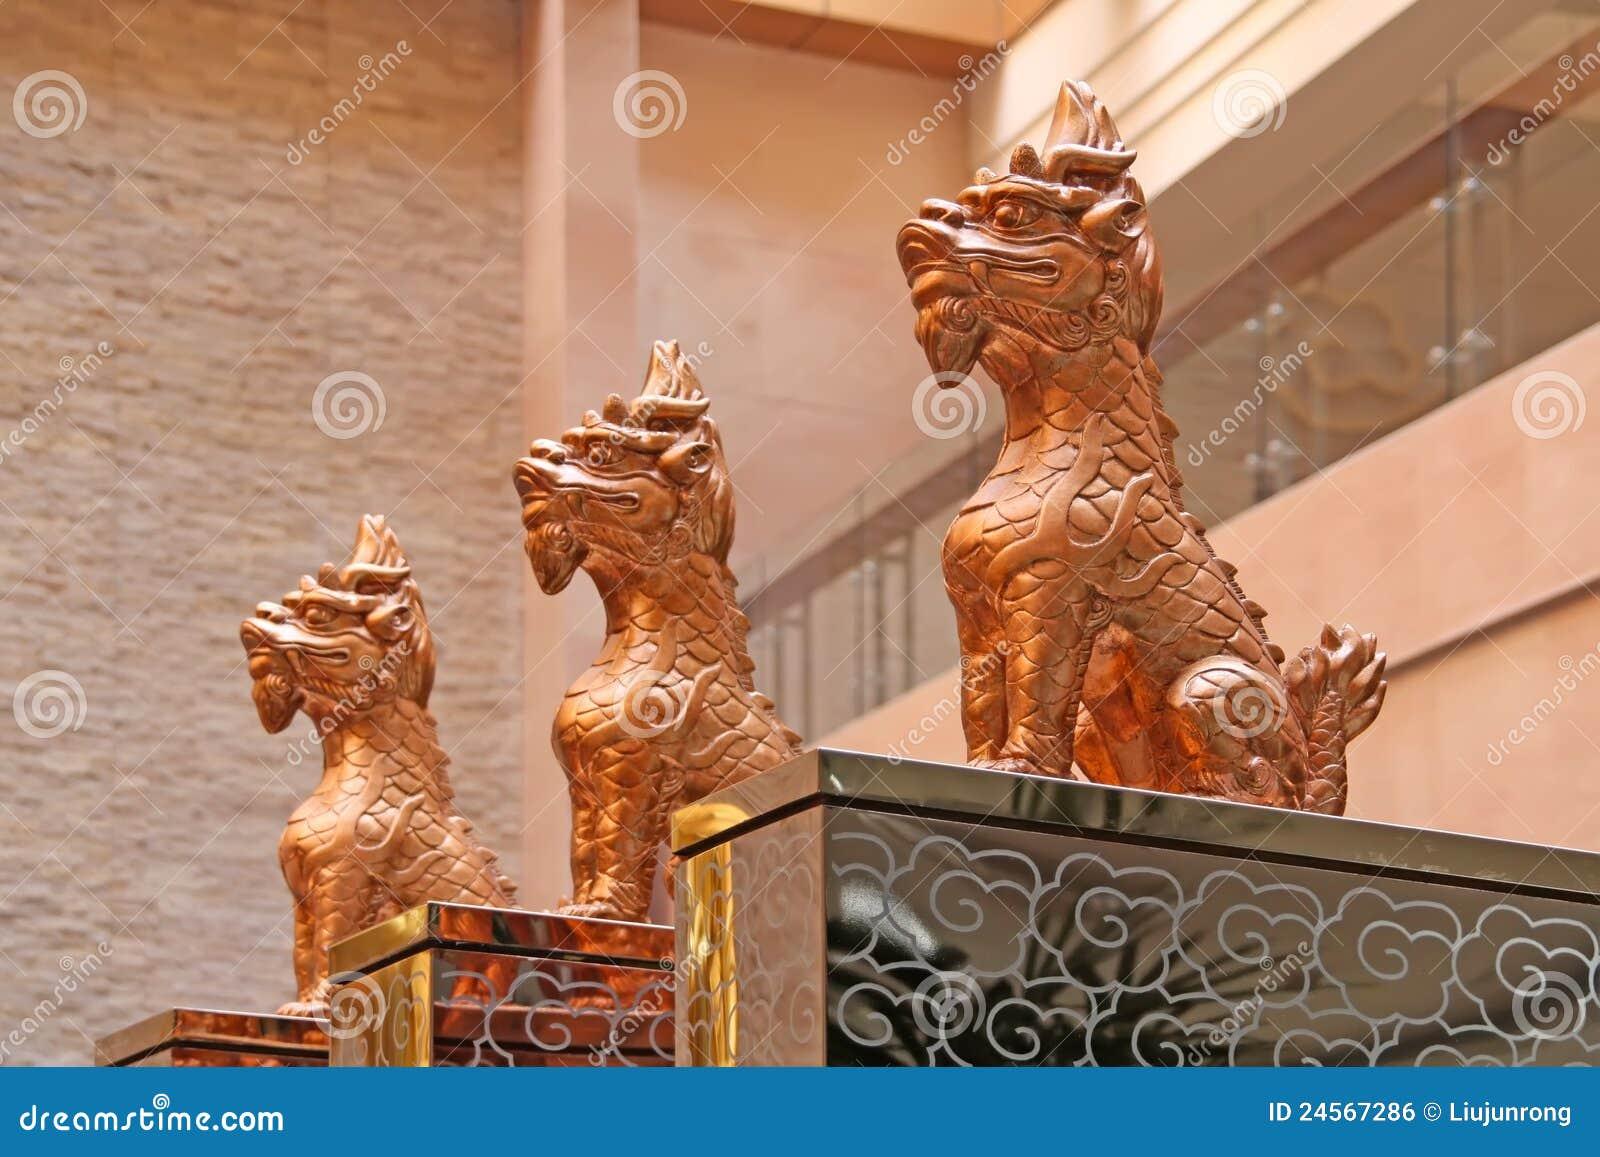 Bestas sagrados que sentam-se no templo